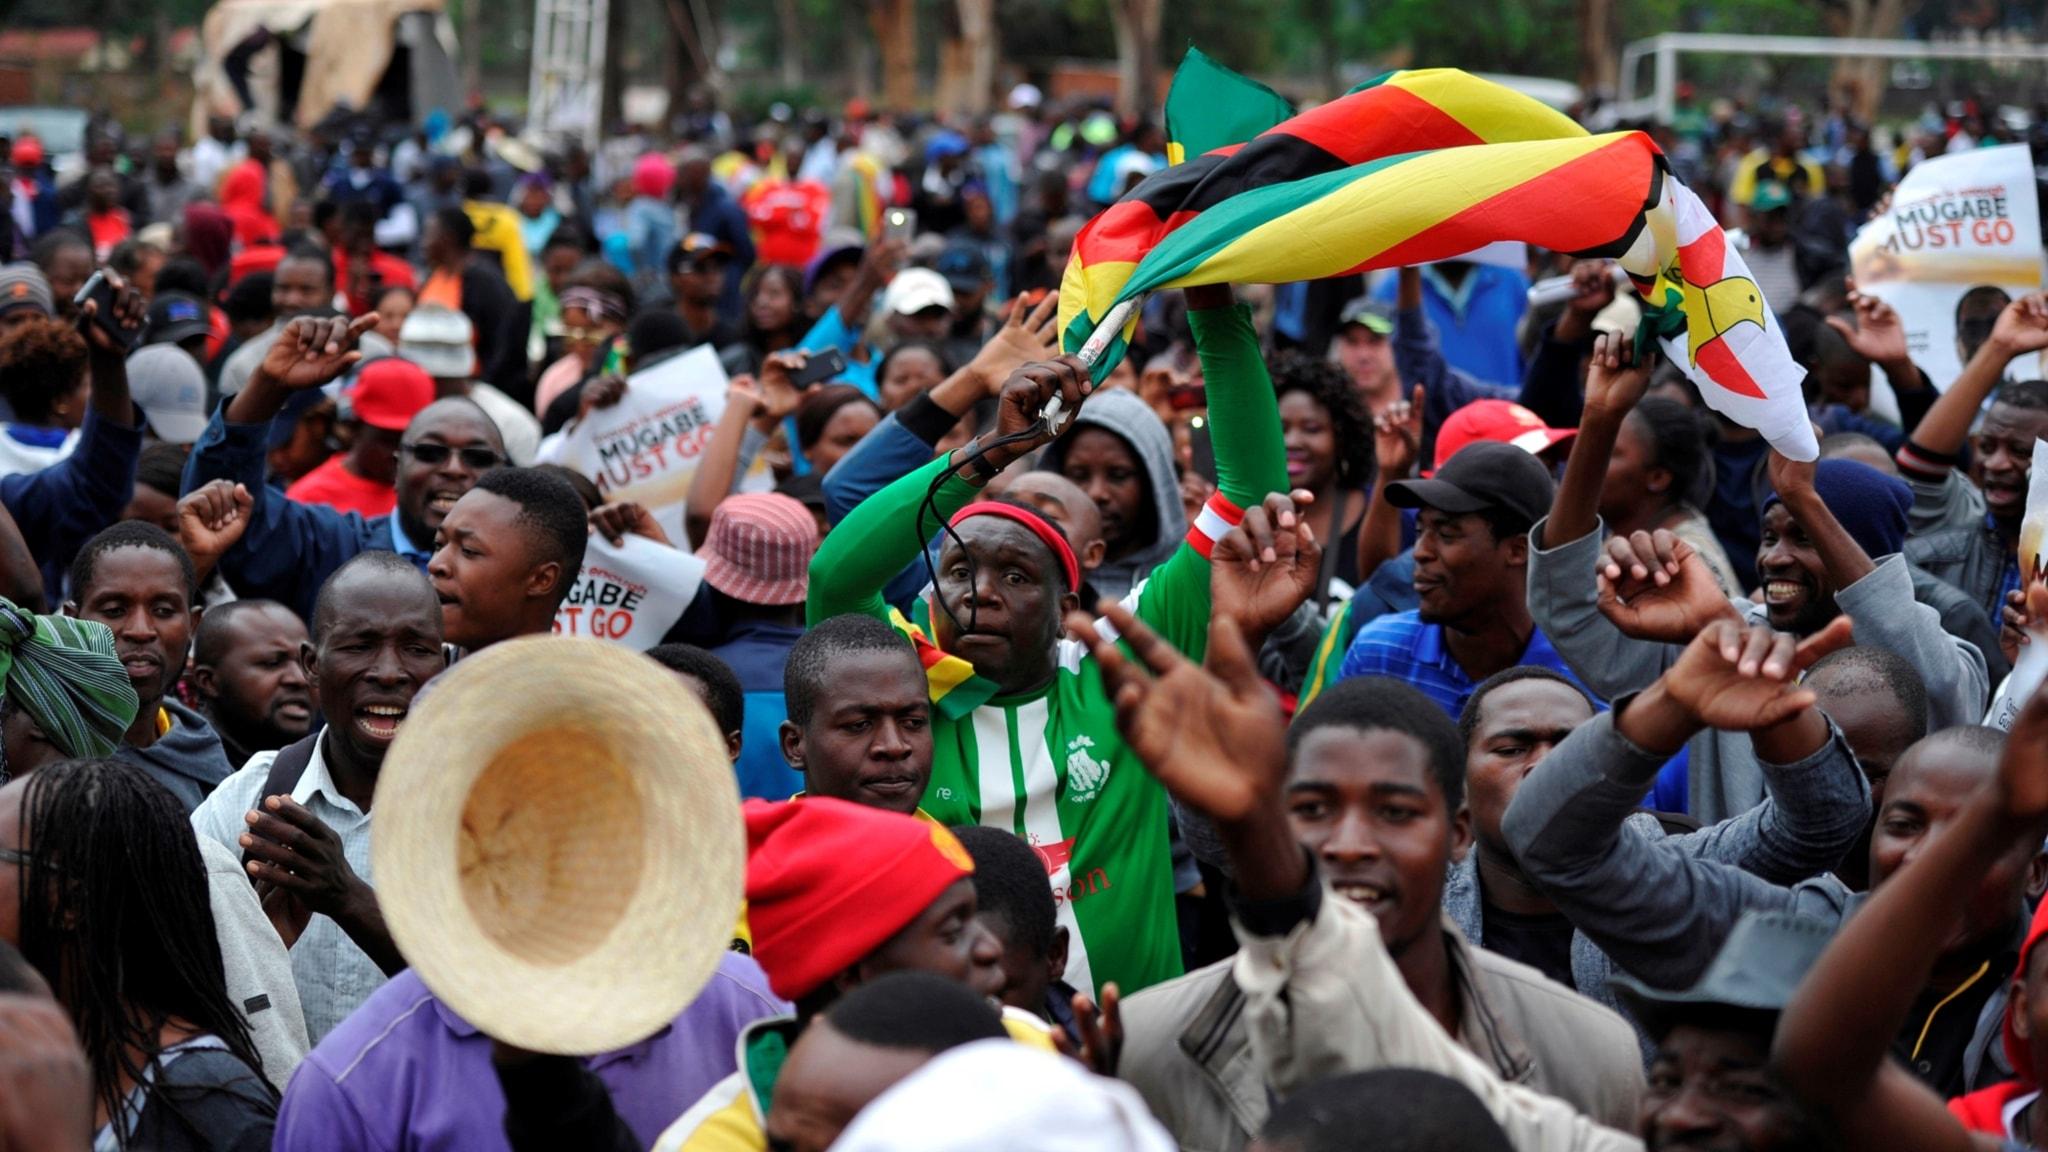 Folkmassor på gatorna